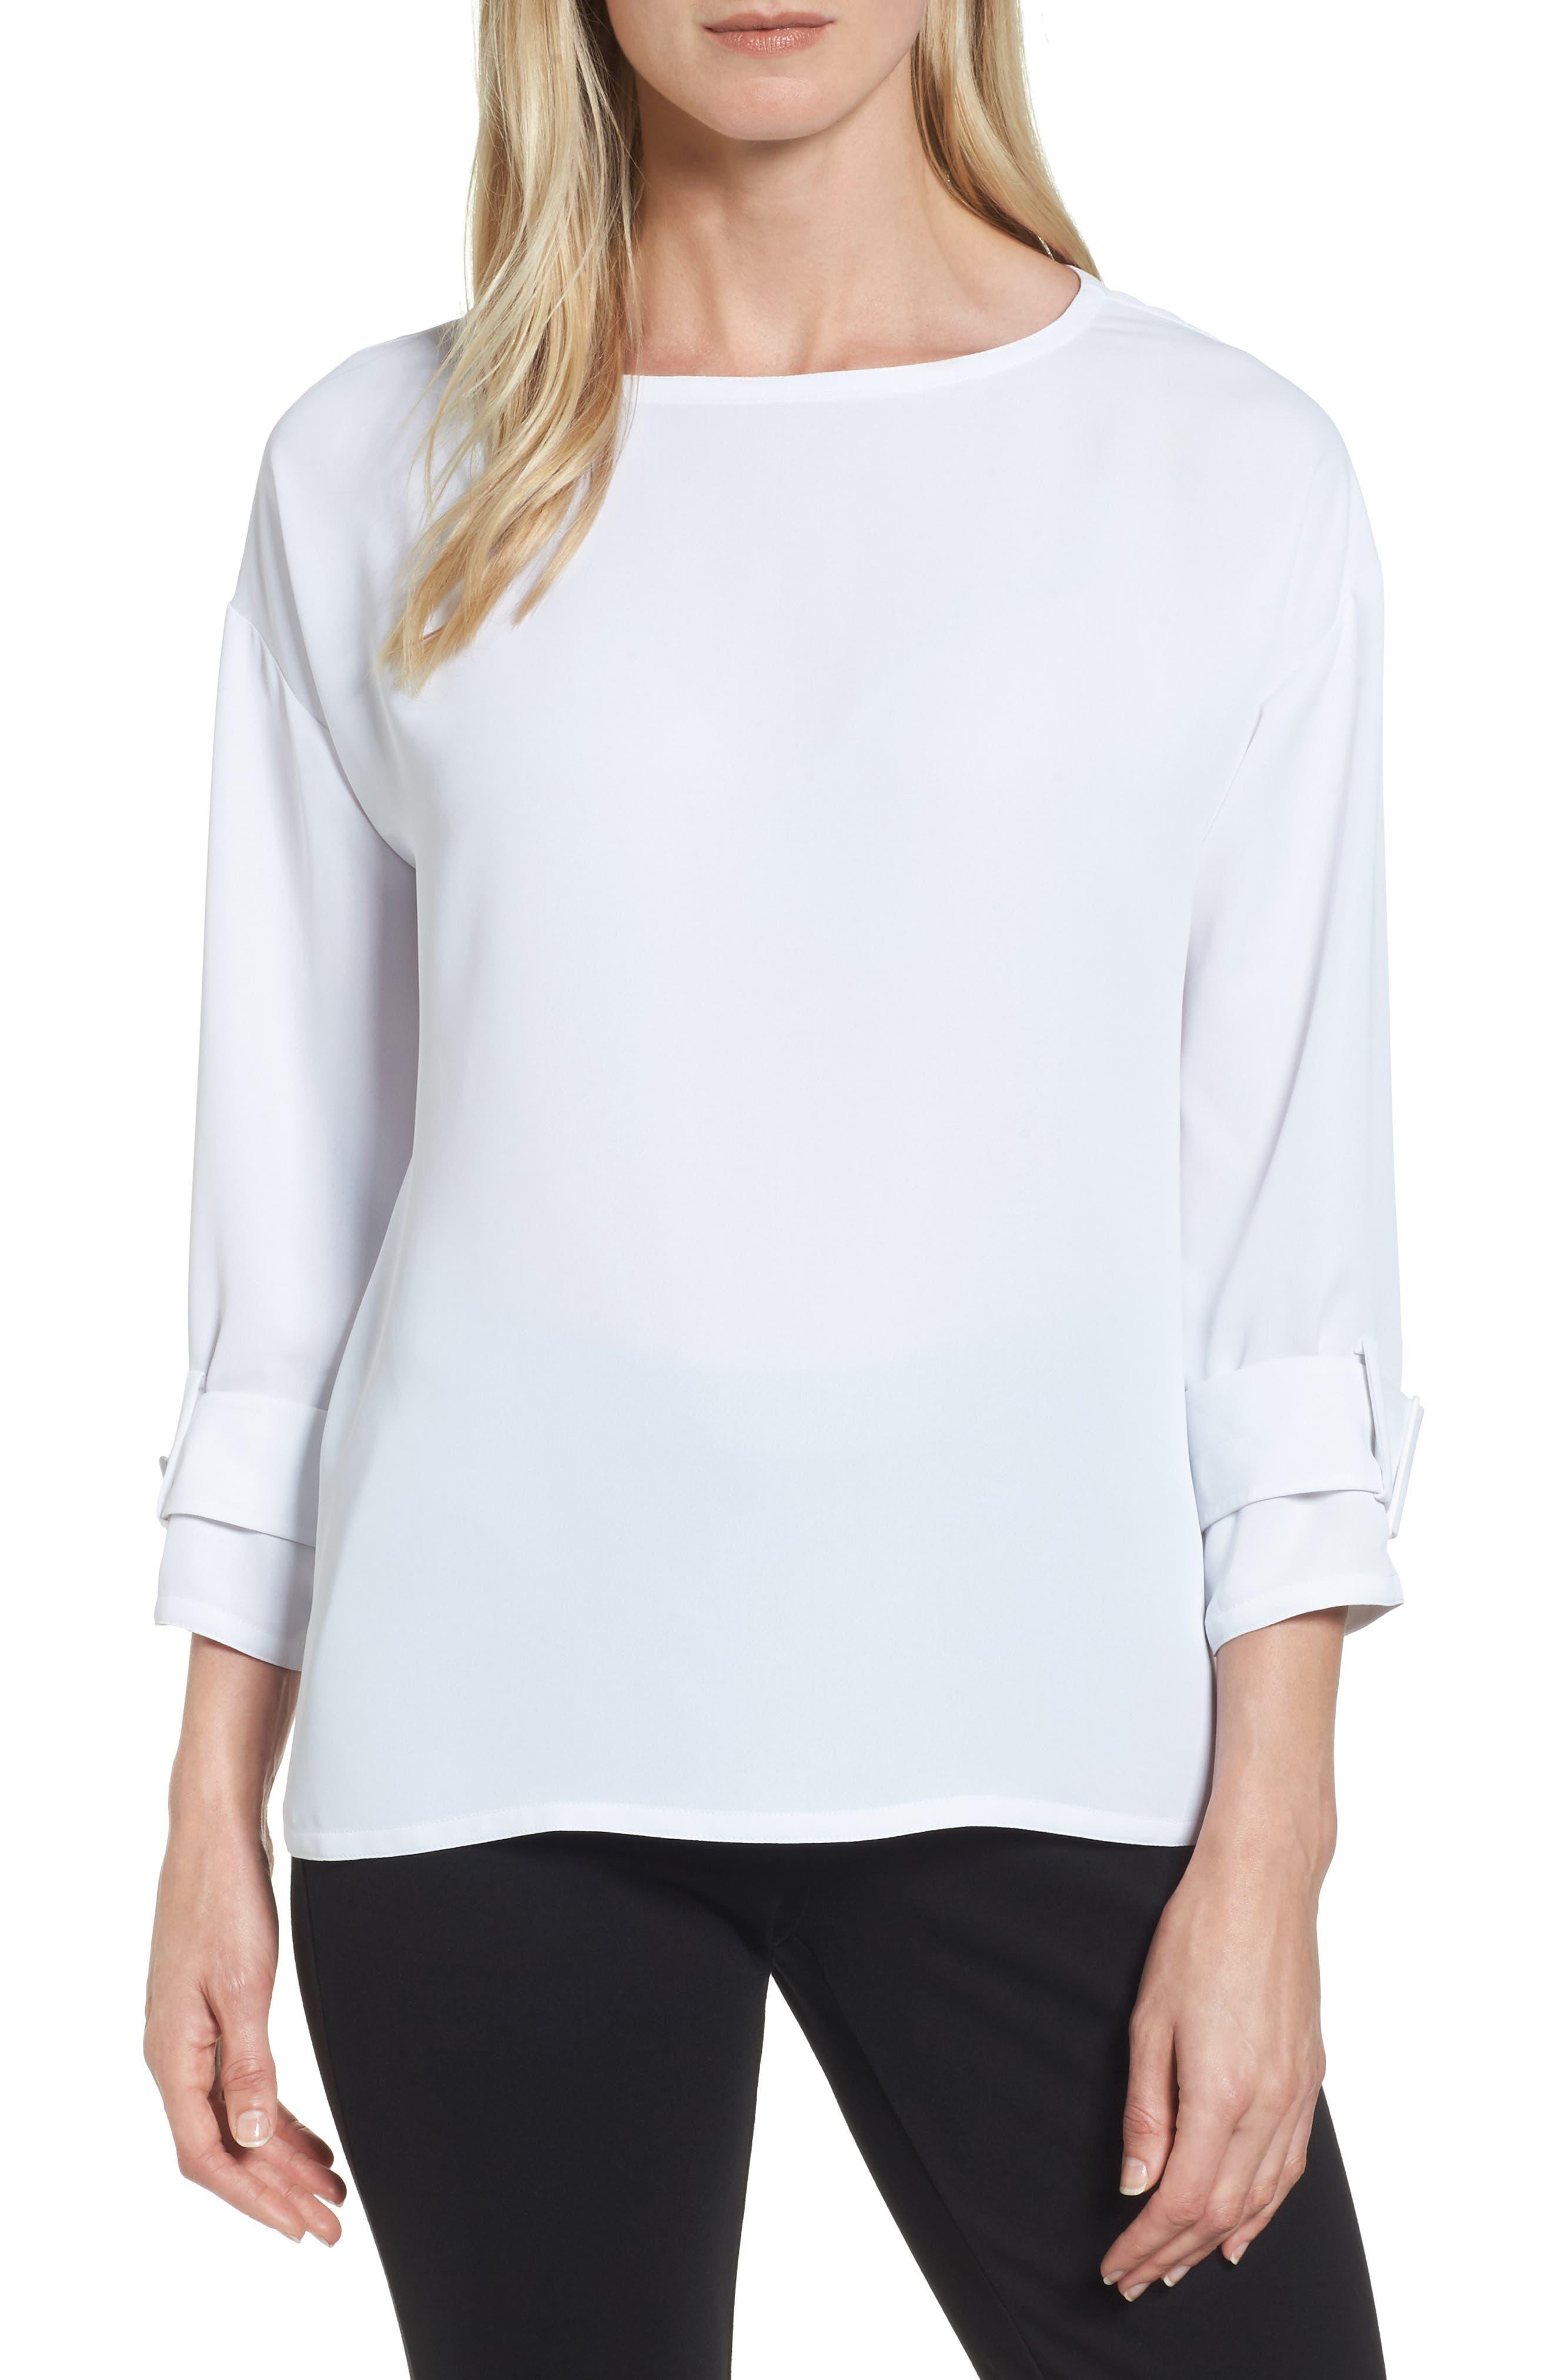 Alternate Image 1 Selected - NIC+ZOE Buckle Sleeve Top (Regular & Petite)